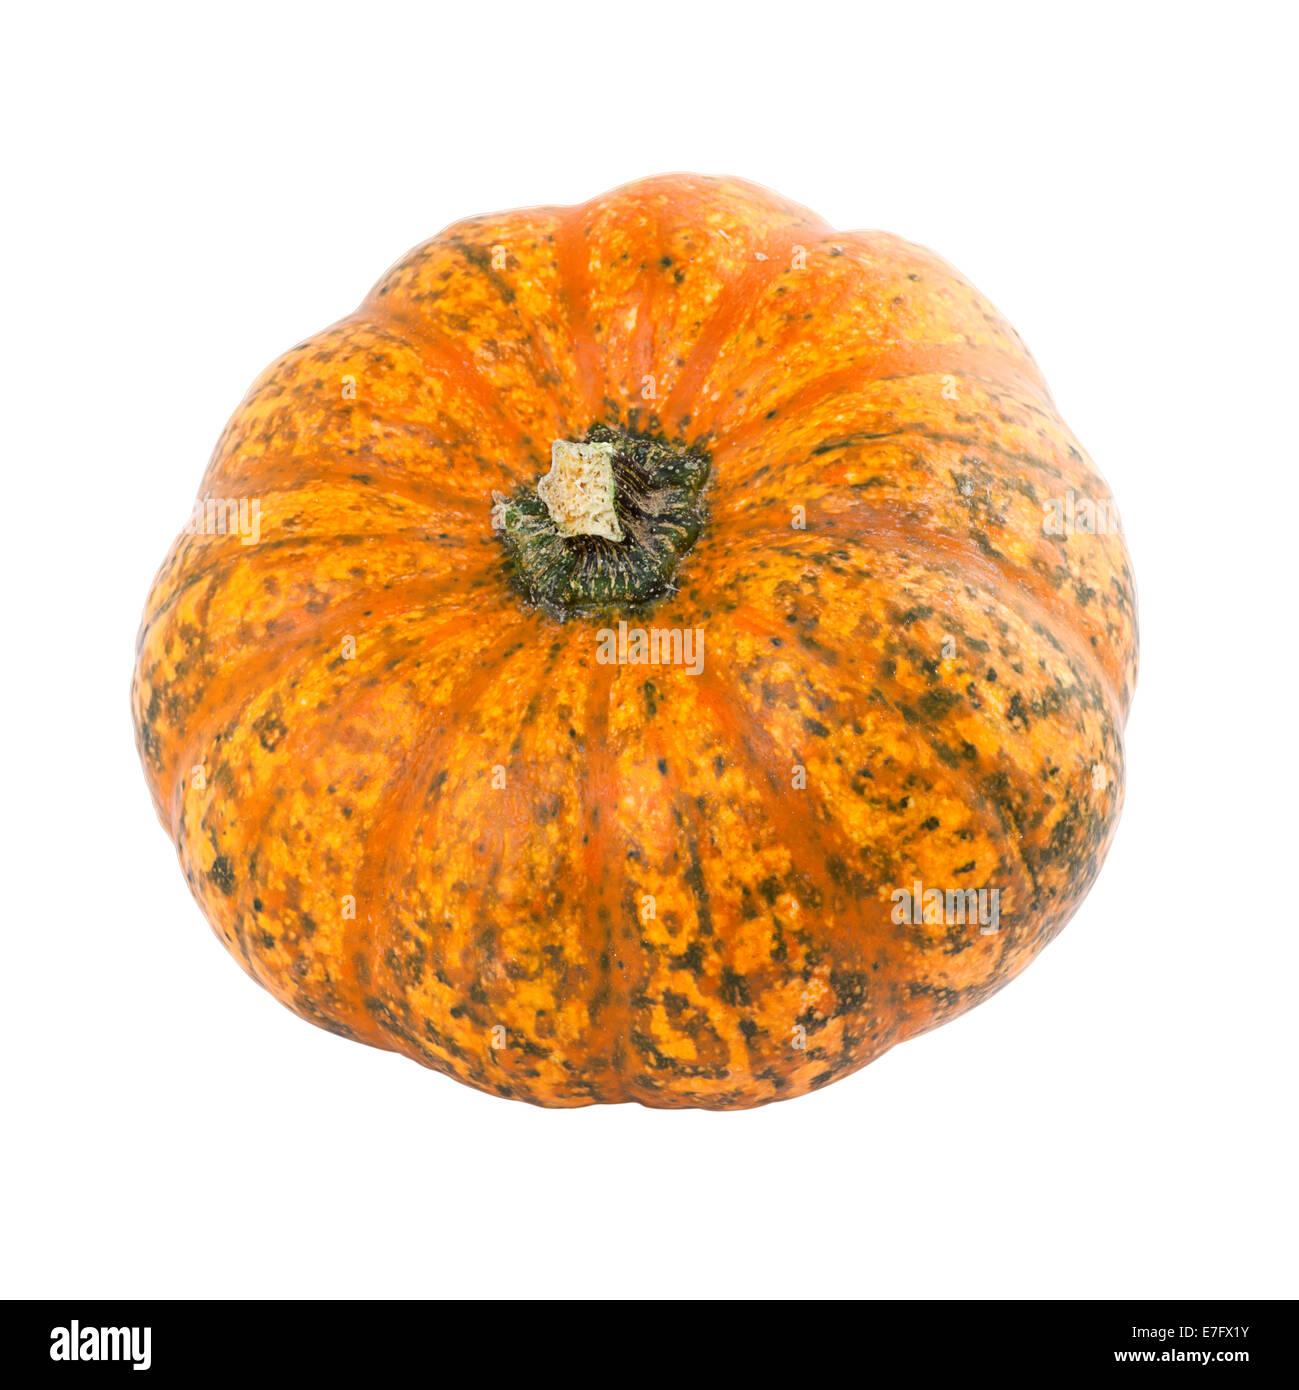 large pumpkin cutout stock photos large pumpkin cutout stock